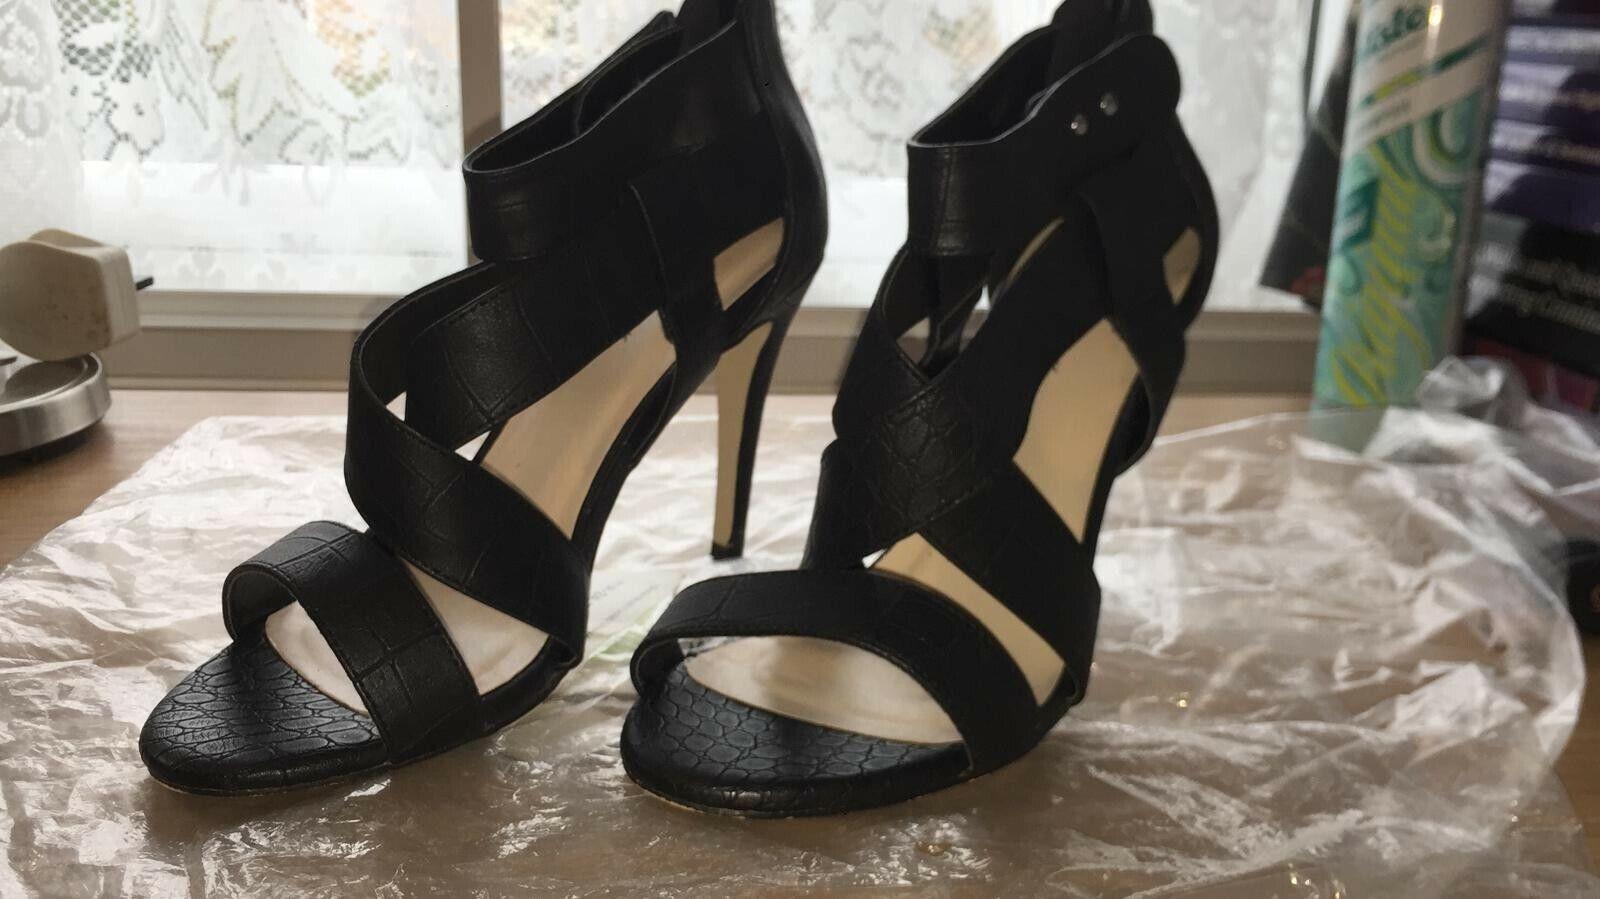 Women's Black New Look Stiletto Heels Crocodile Skin Effect shoes Size 6 Cheap